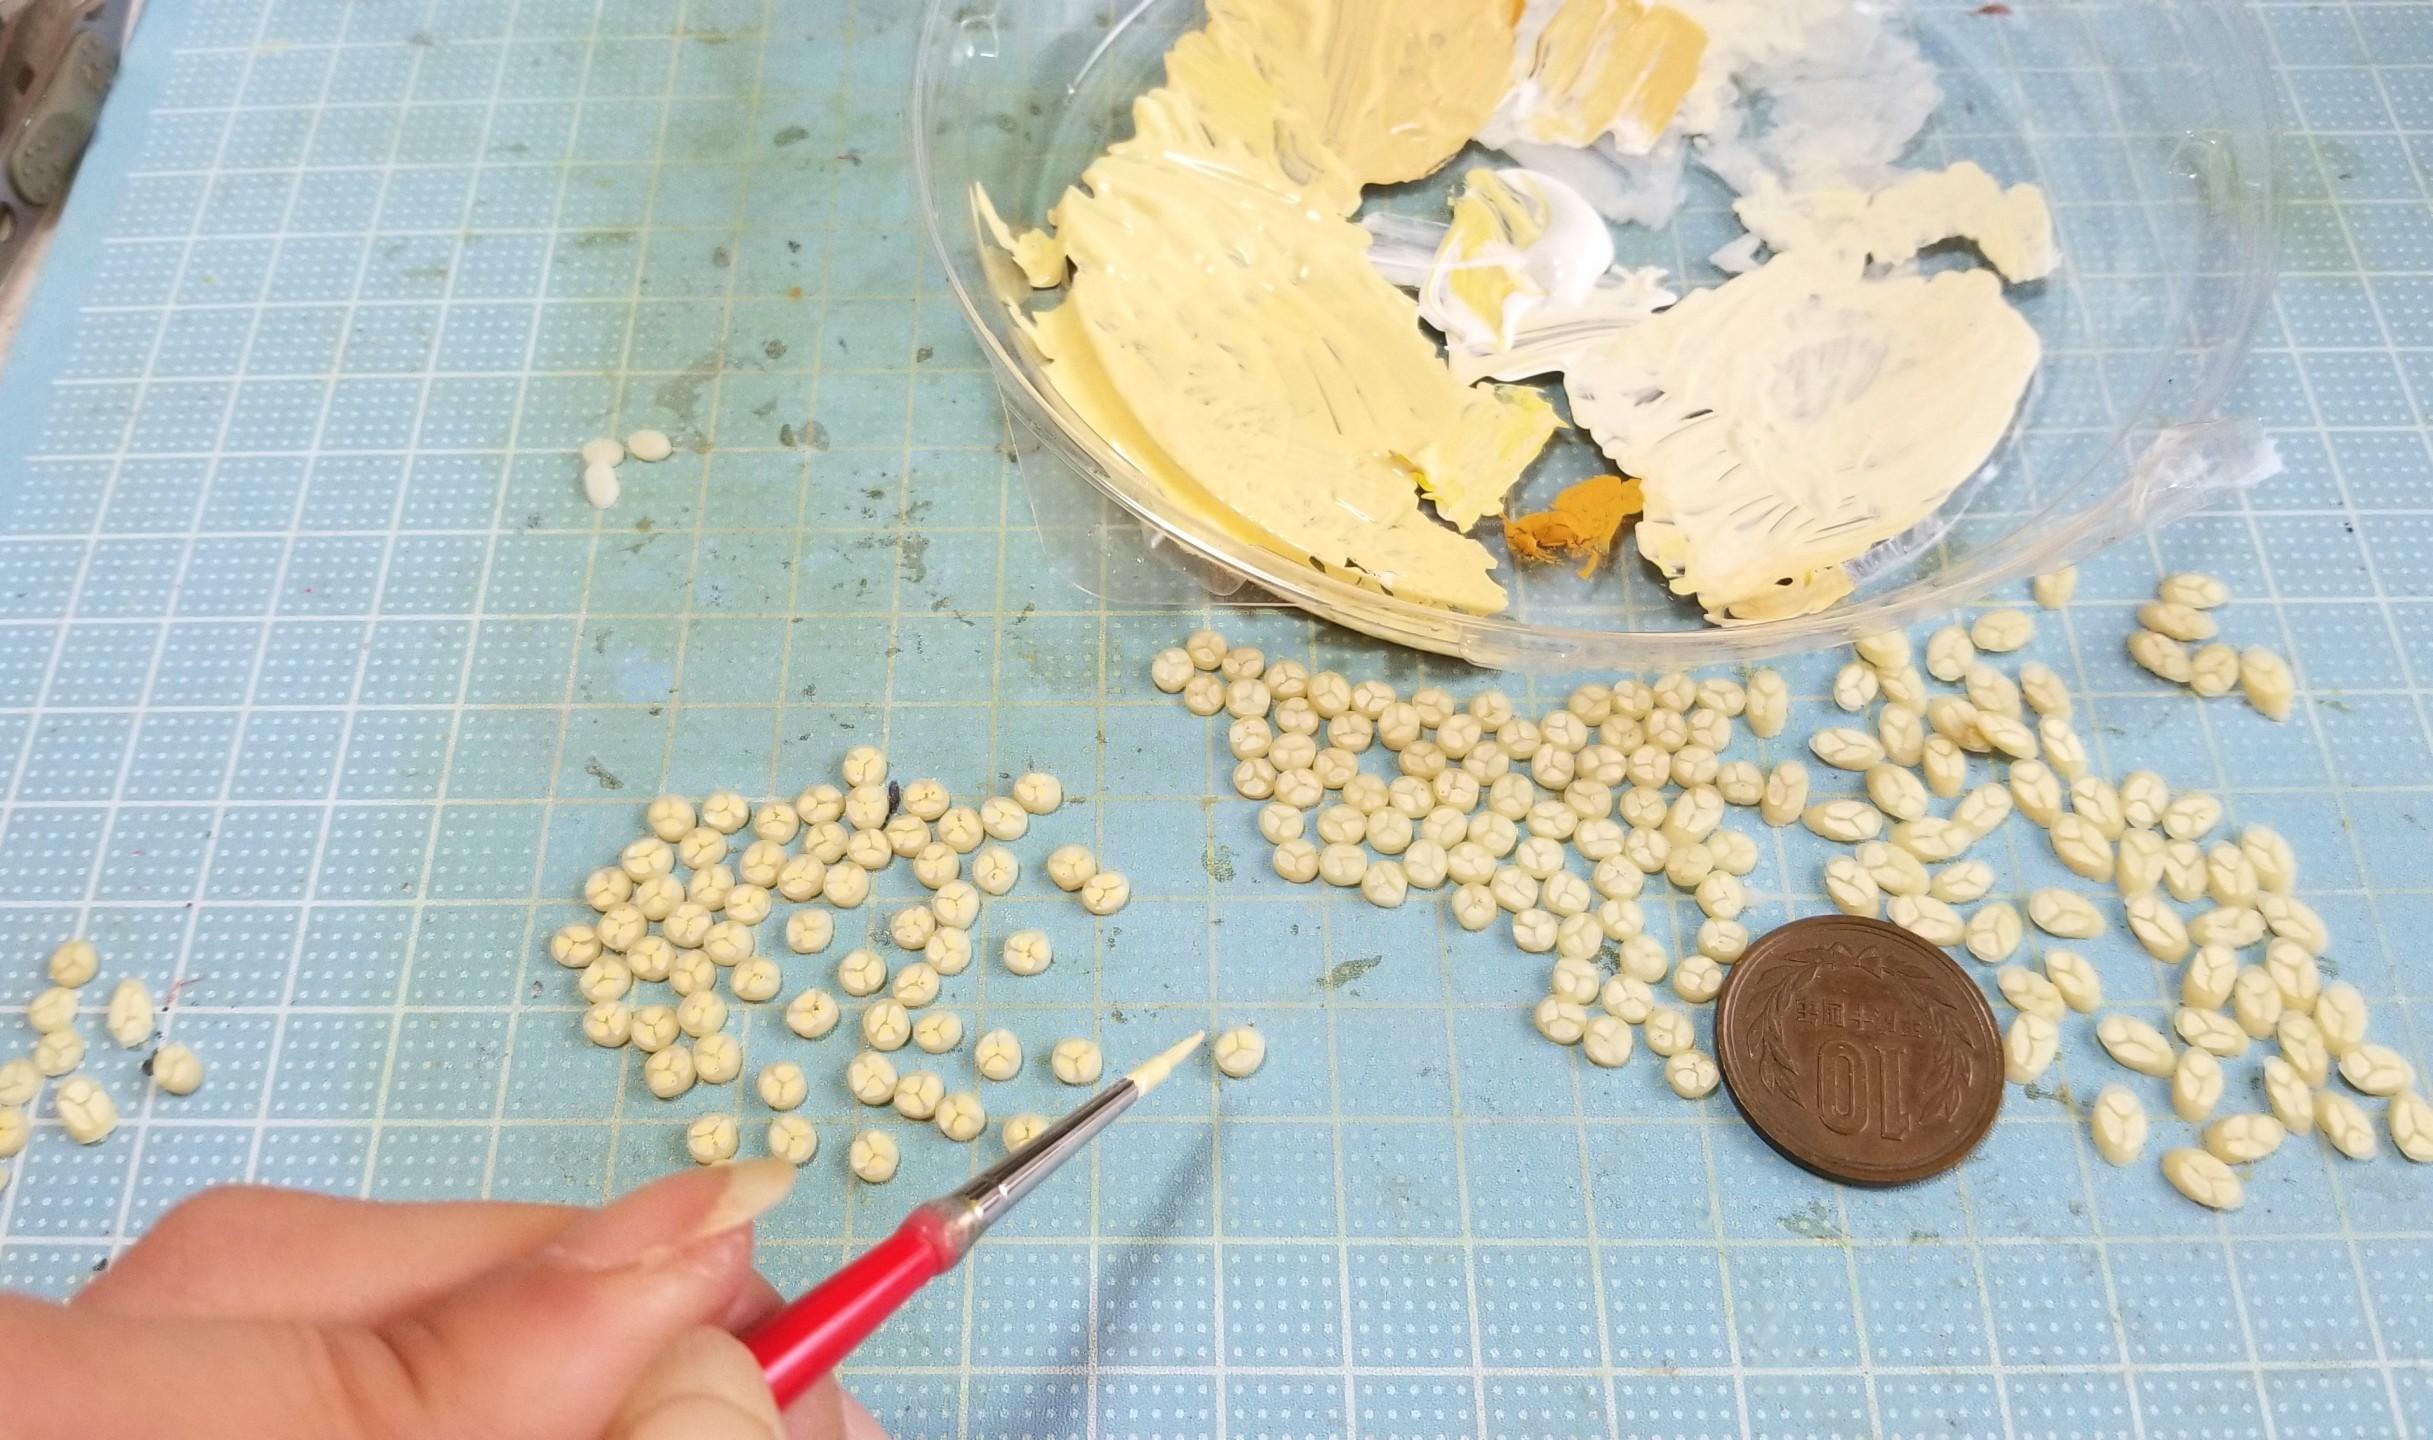 ミニチュアフード,スライスバナナ,作り方,樹脂粘土,フェイクフード